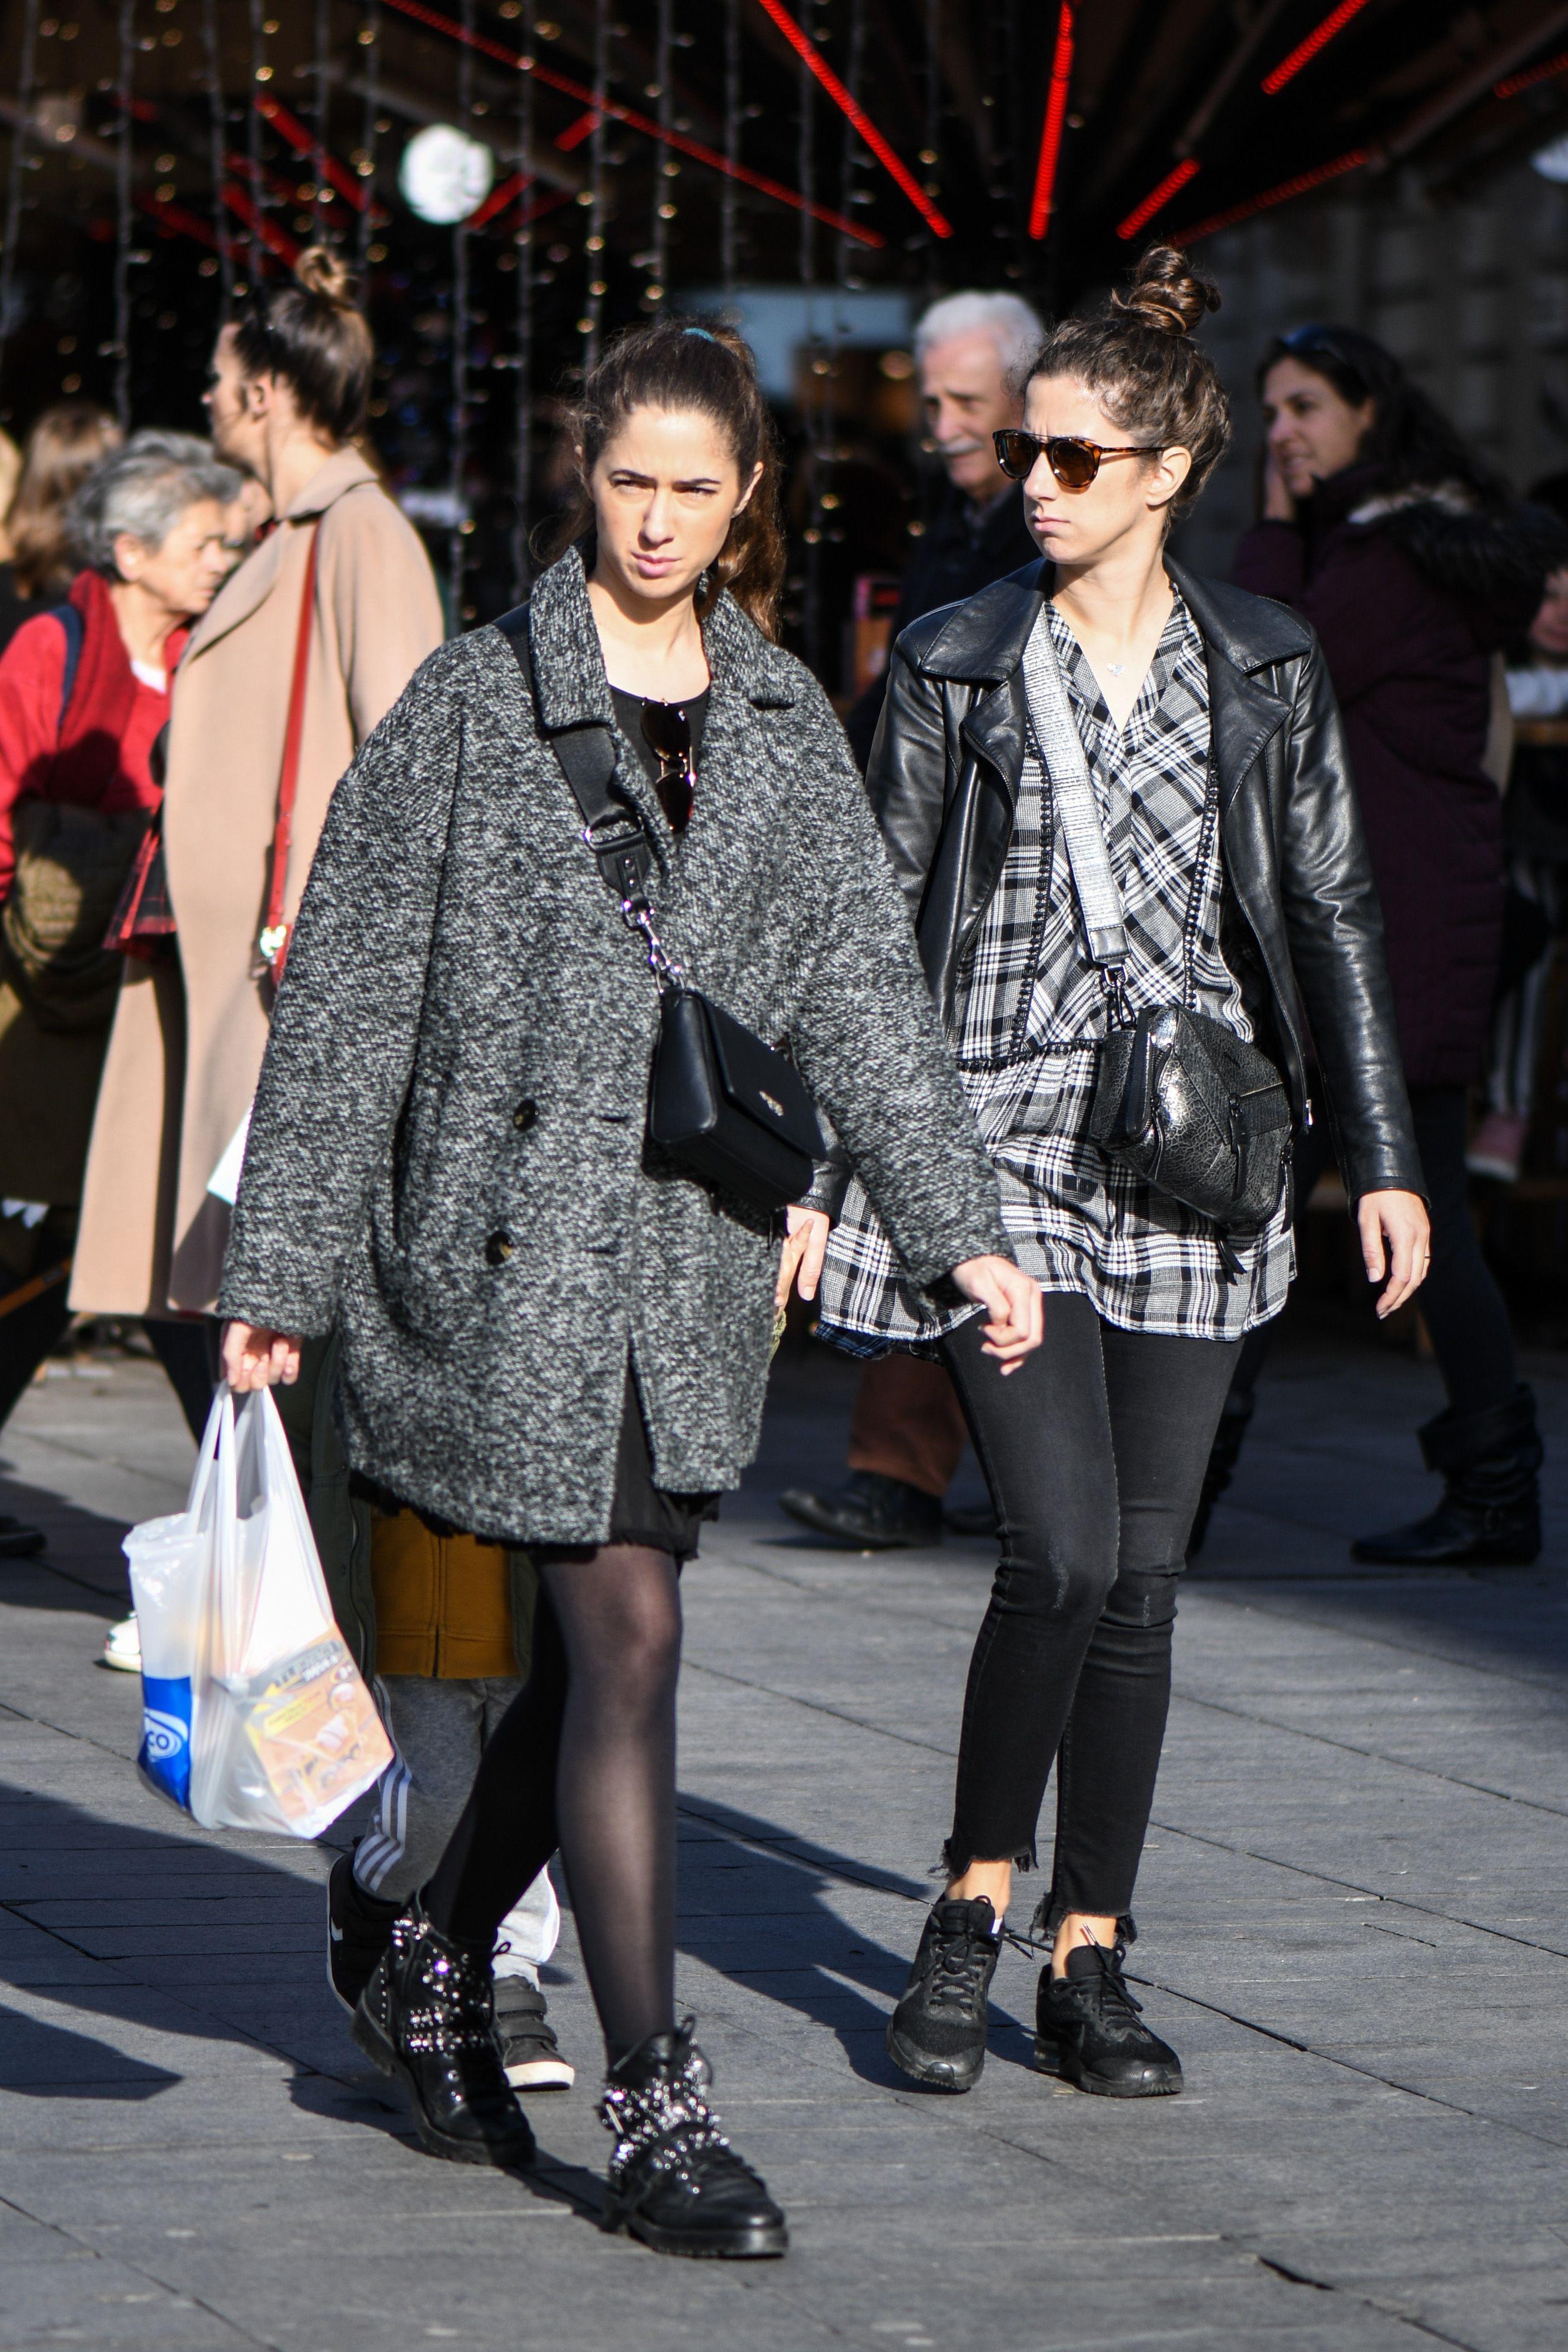 Modno usklađene prijateljice: Cure su pokazale kako sivo-crna kombinacija izgleda fantastično u svakom outfitu